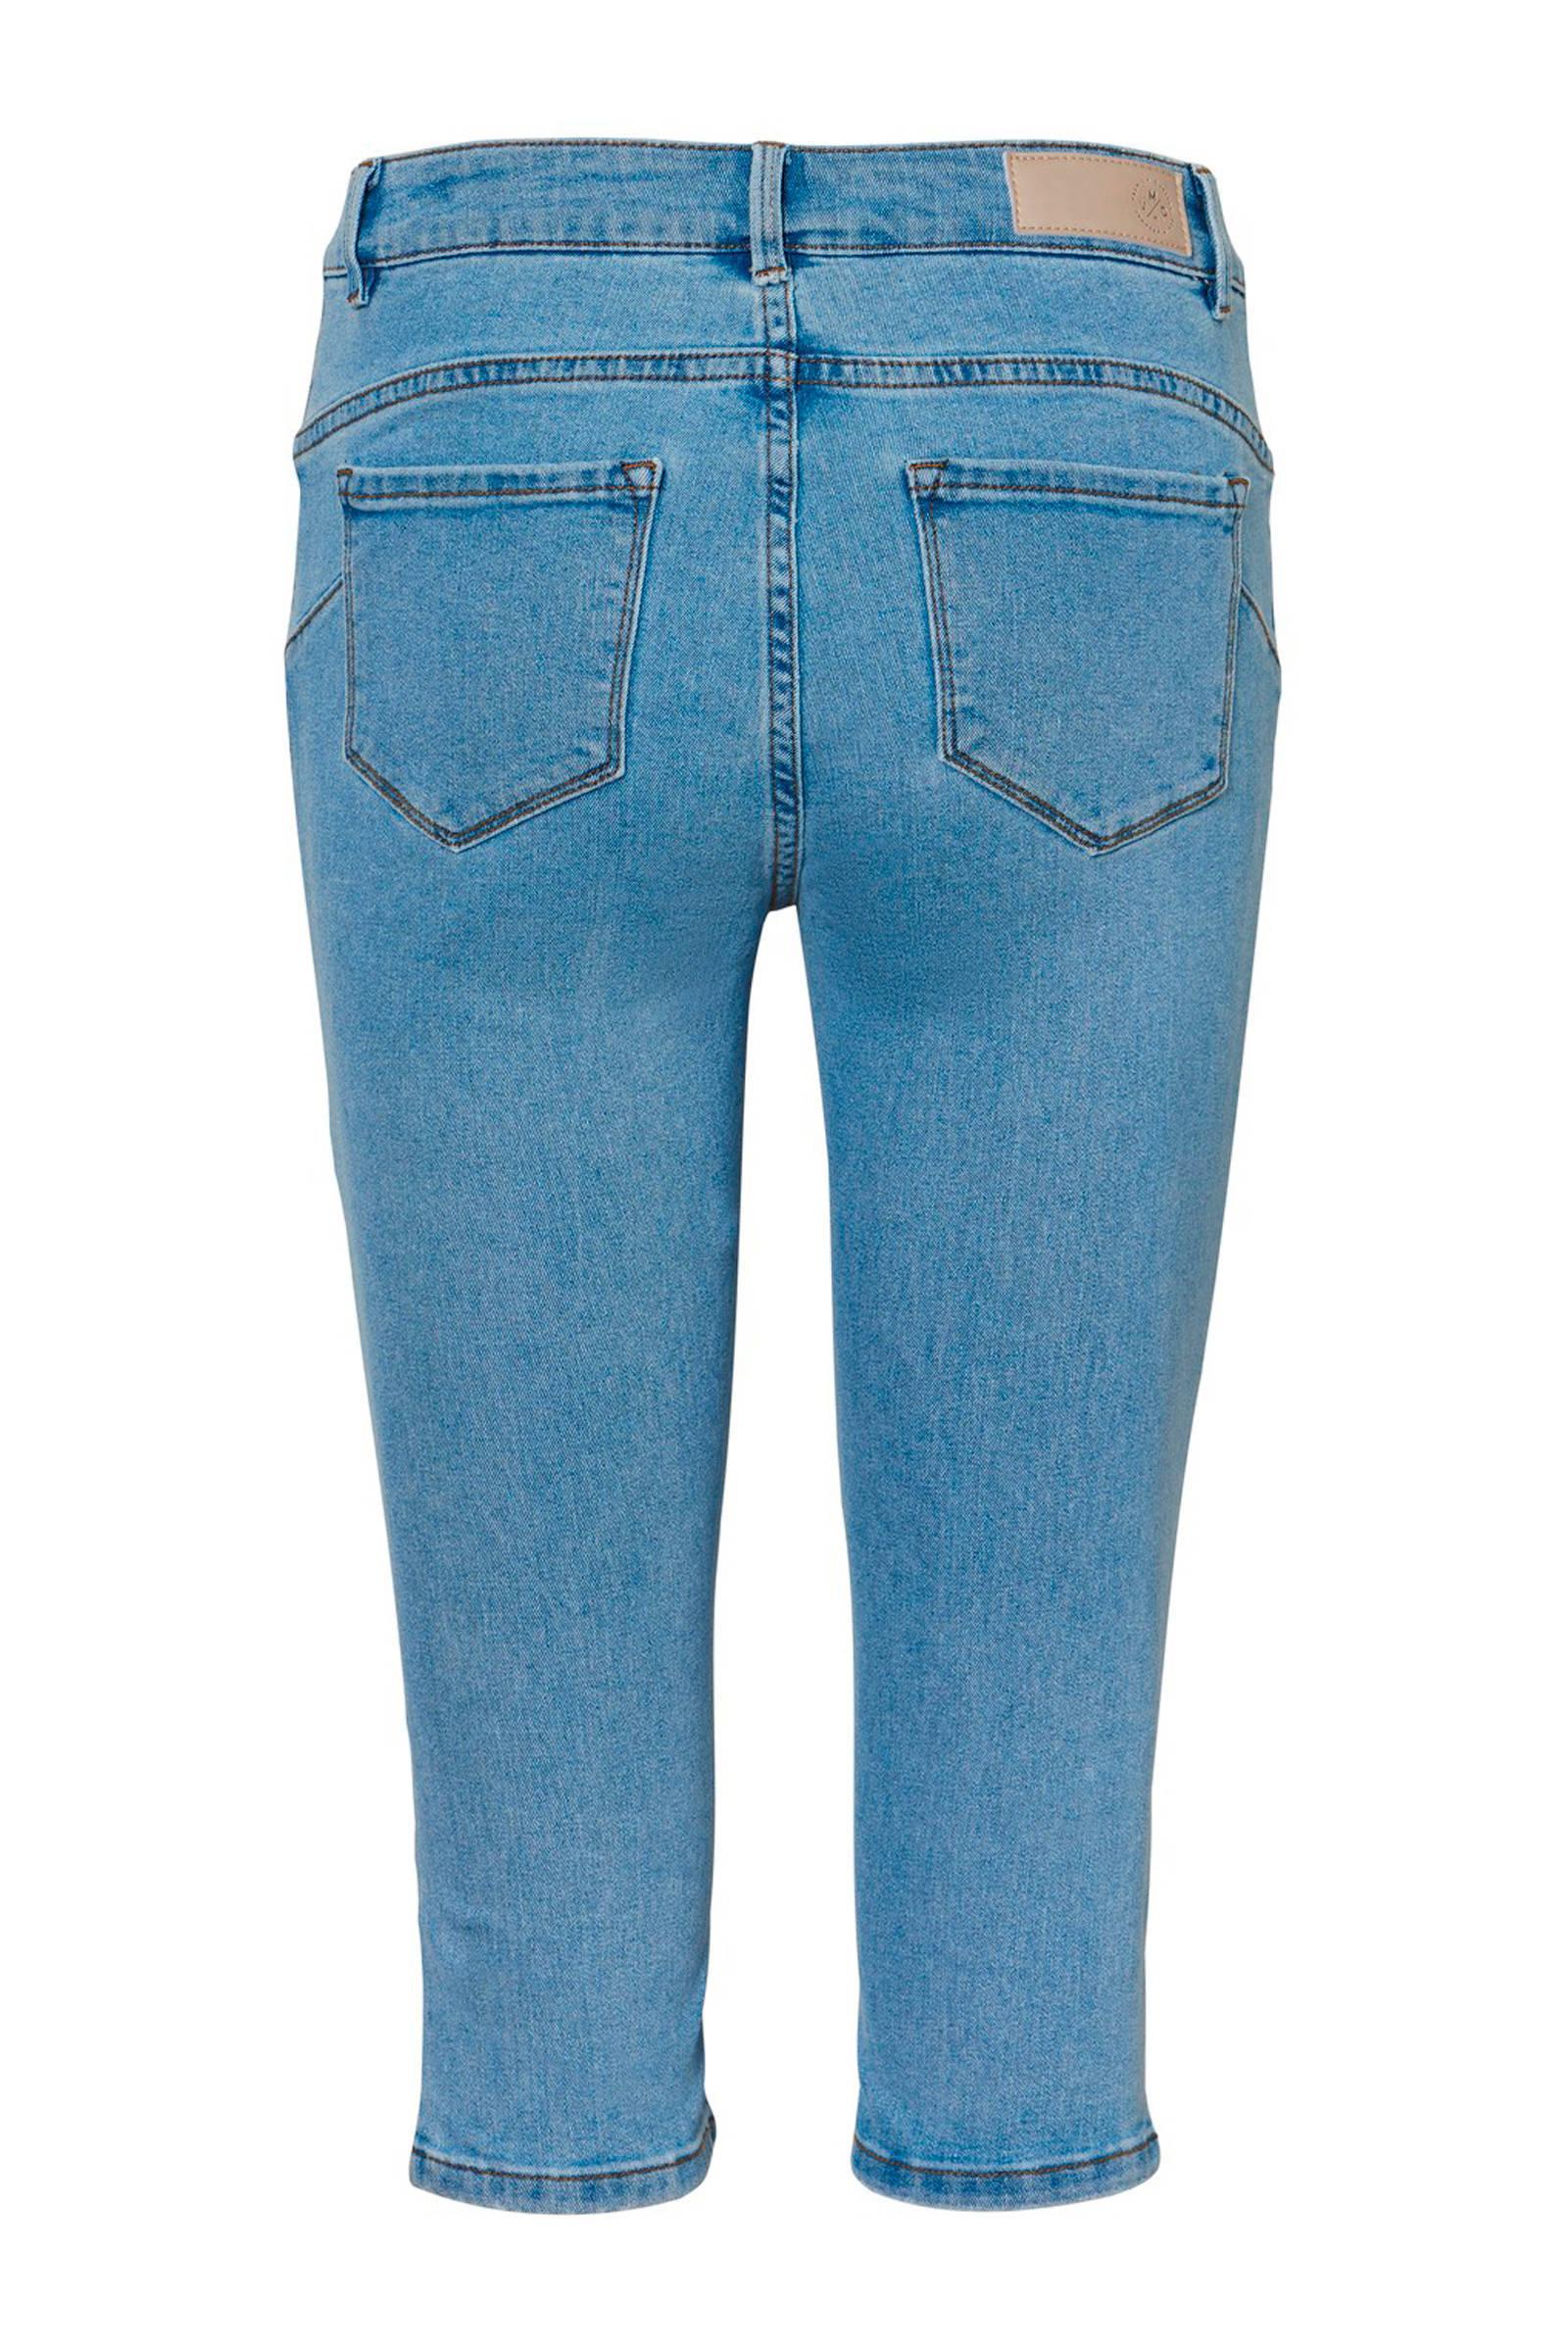 5 pocket capri jeans